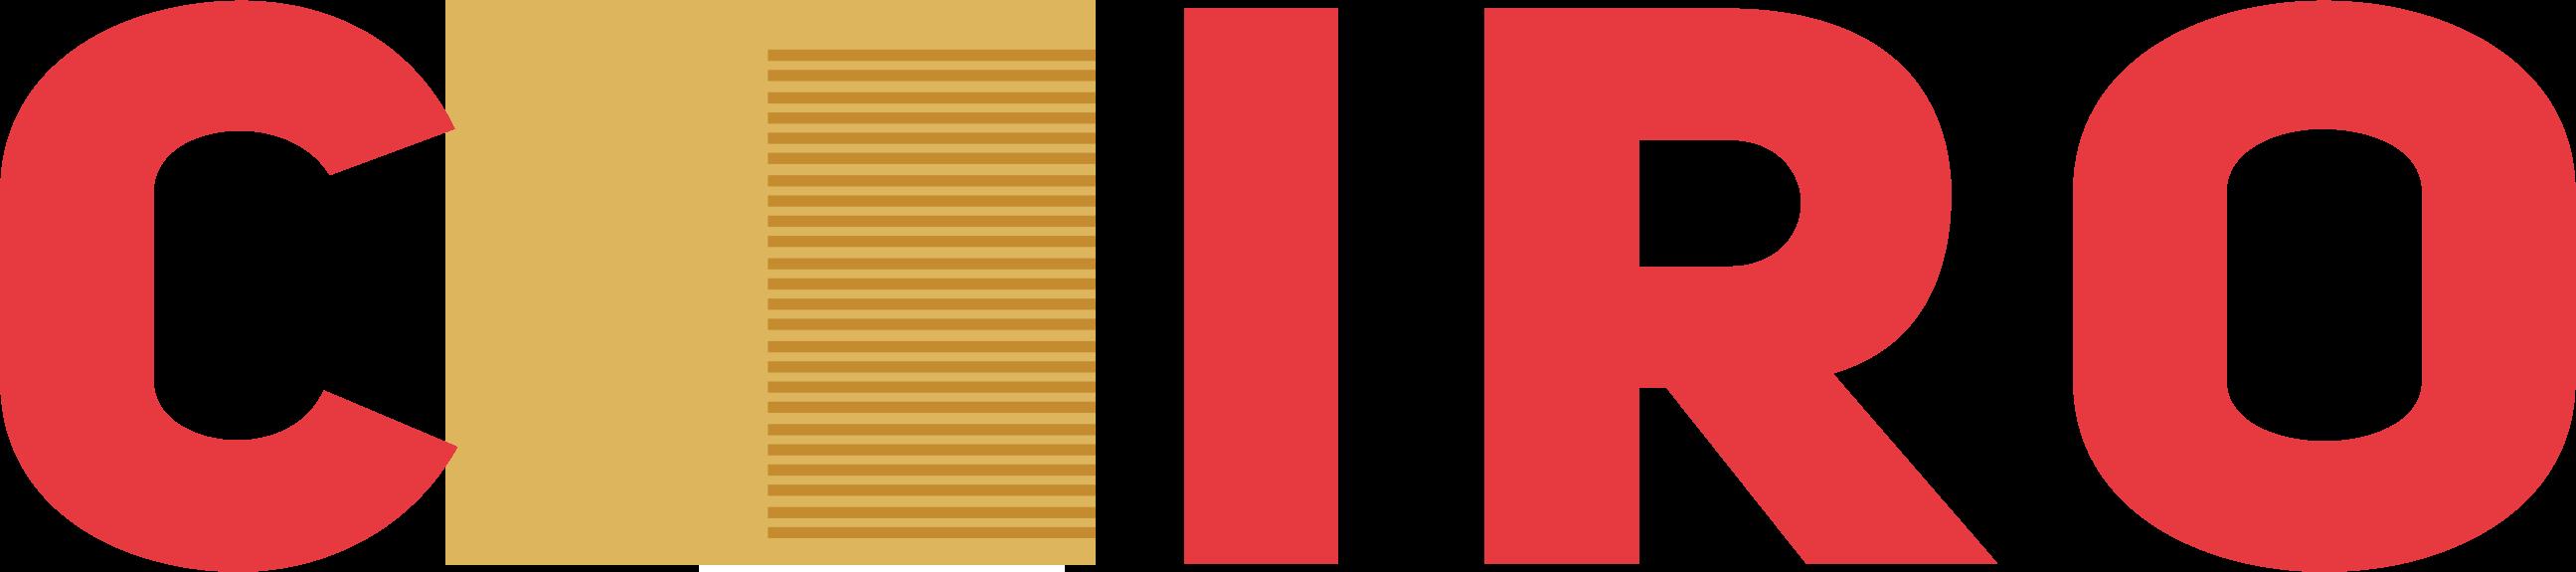 kairo.dk